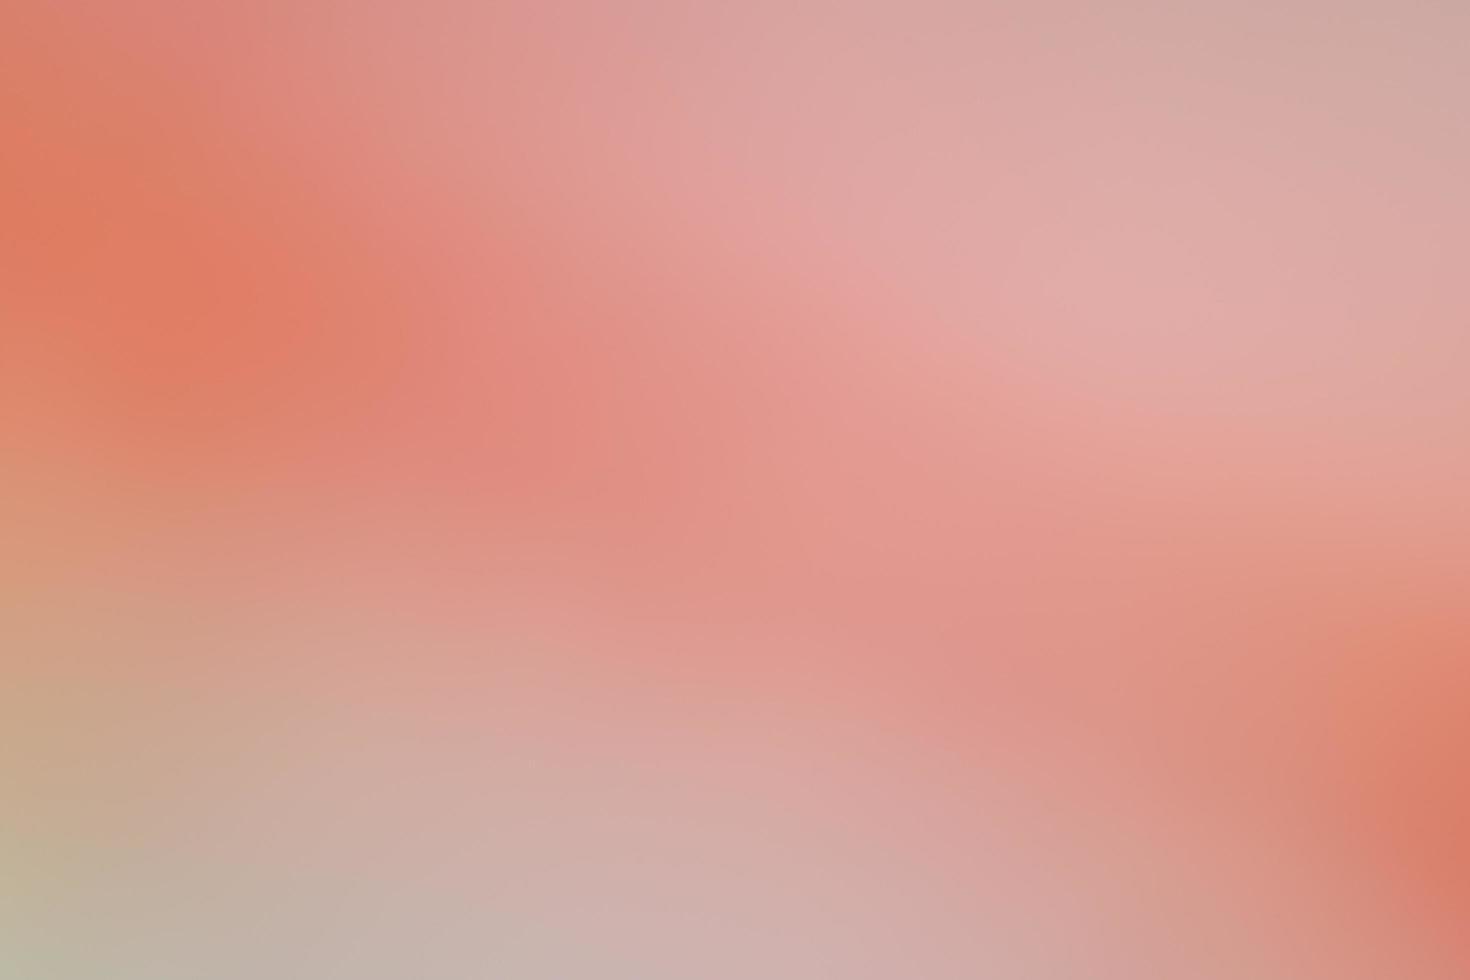 abstrait arrière-plan flou photo